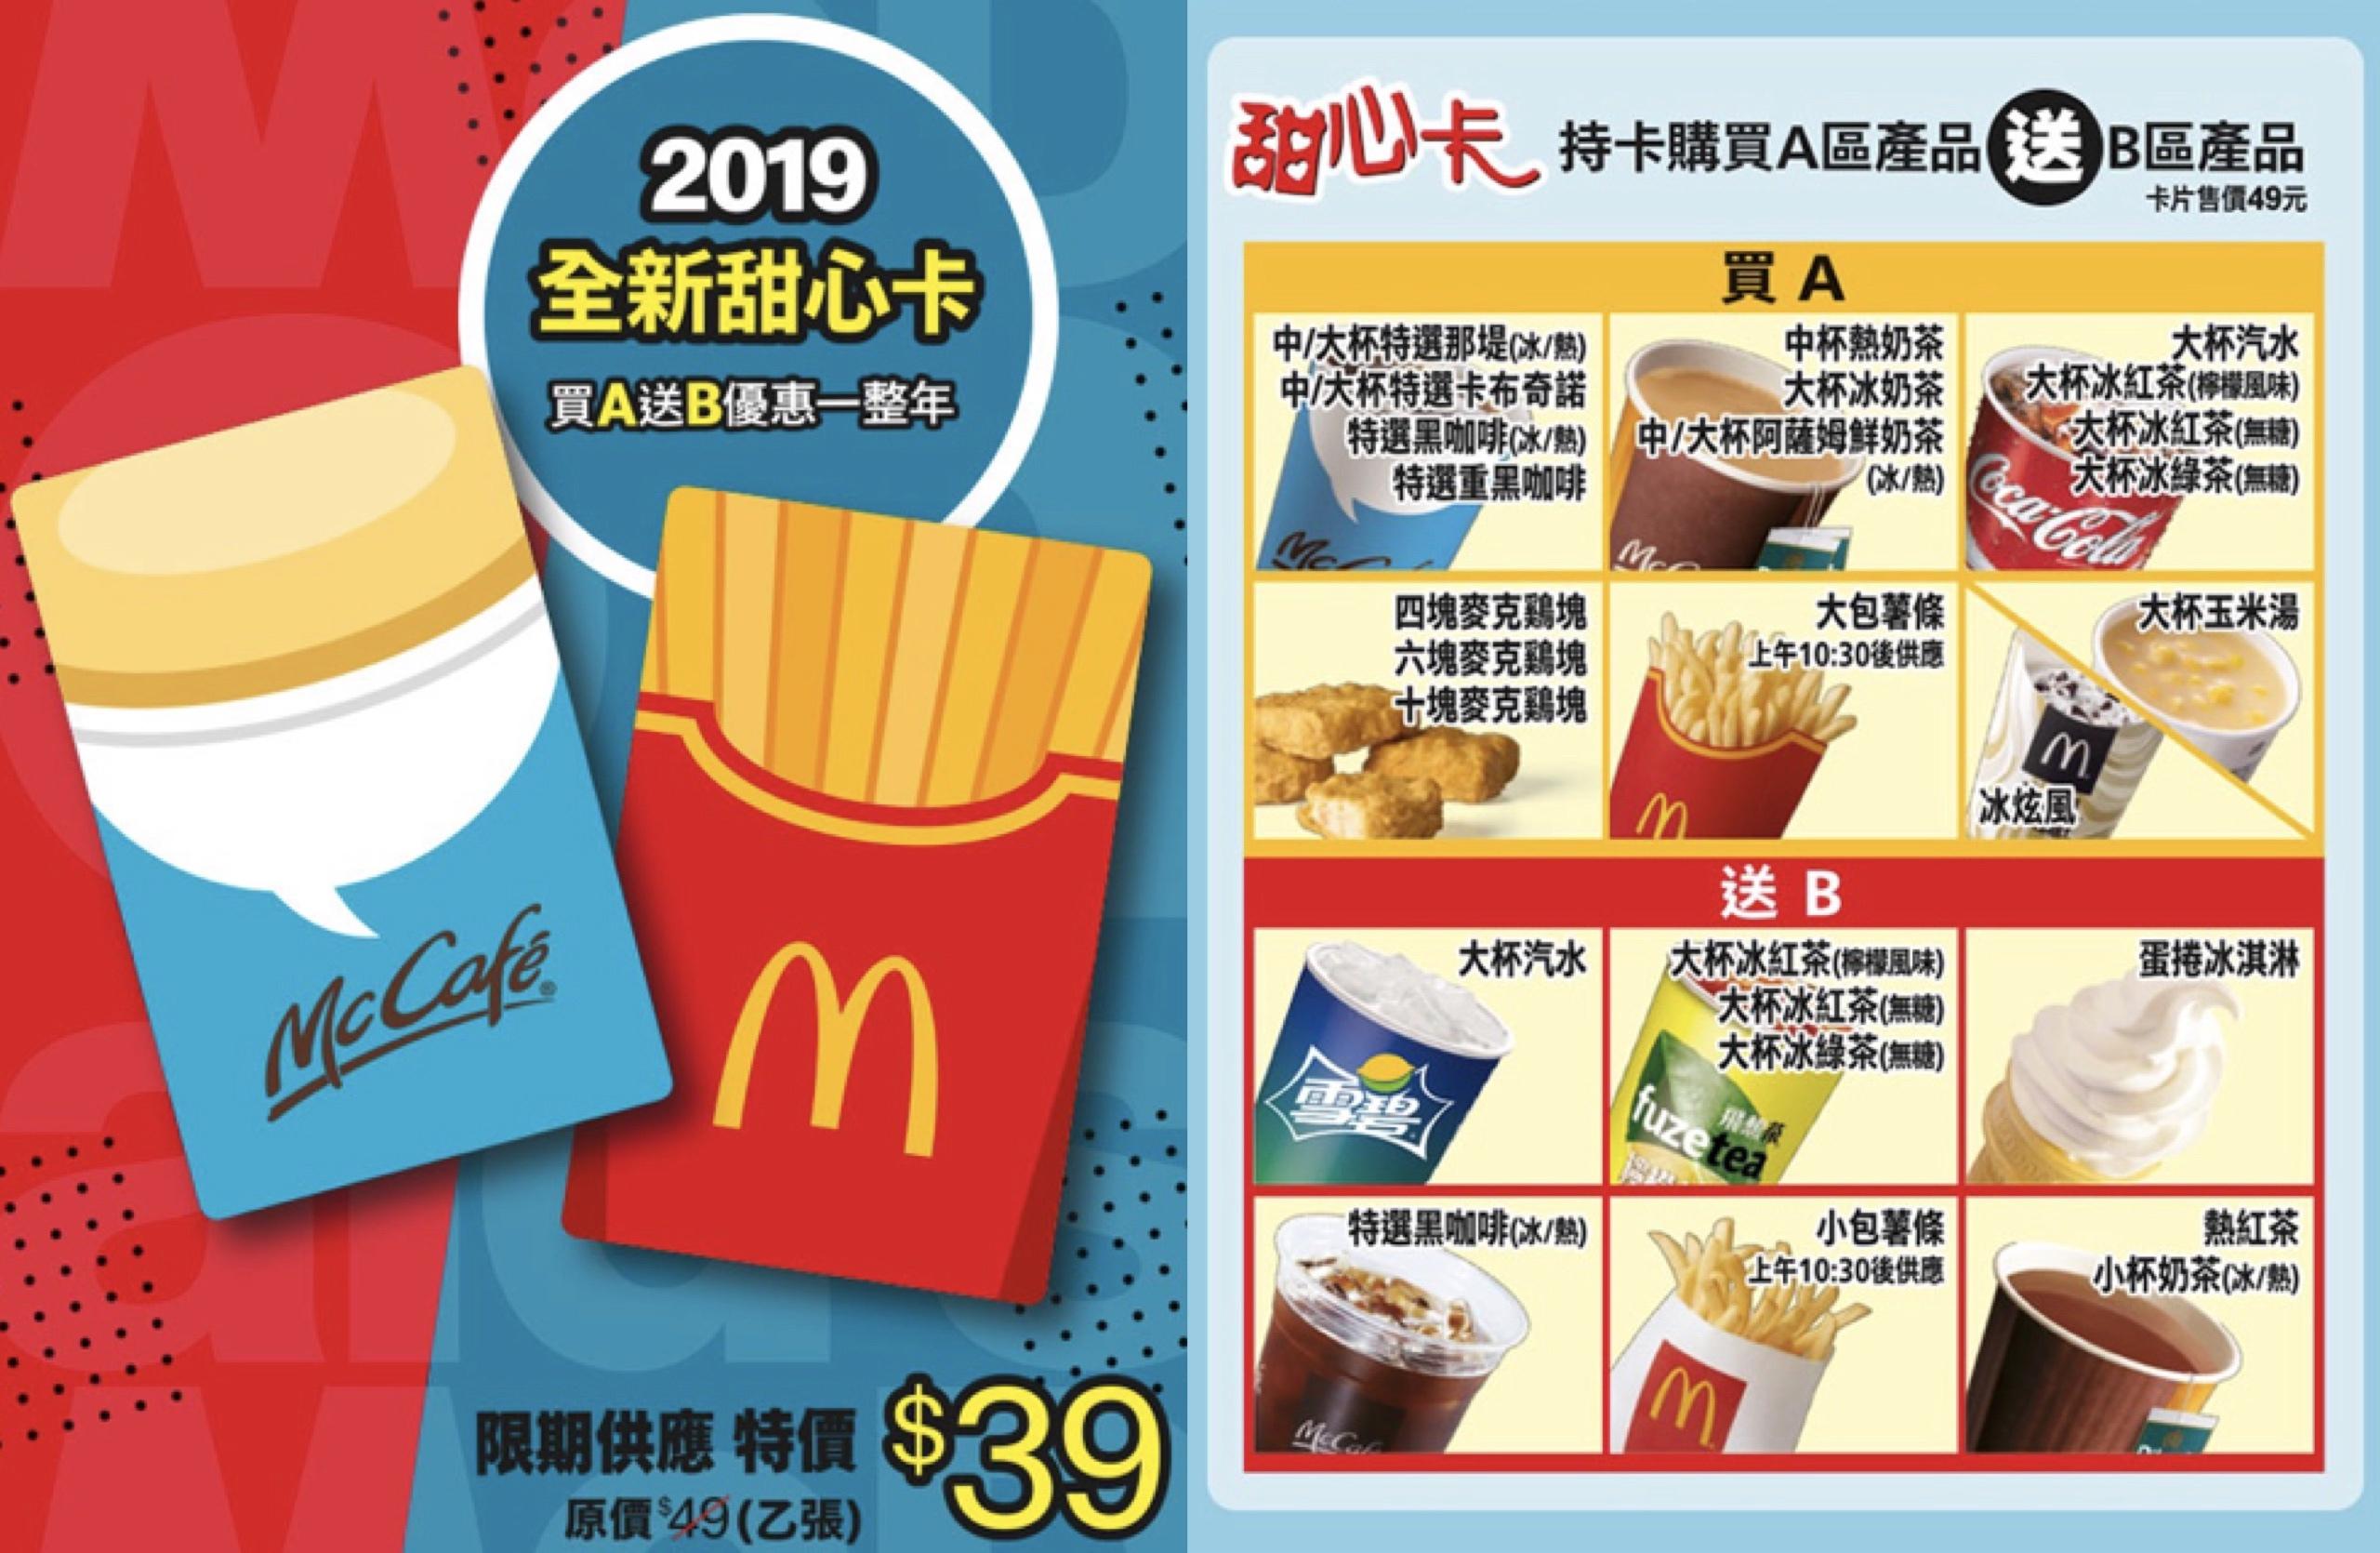 2019麥當勞甜心卡